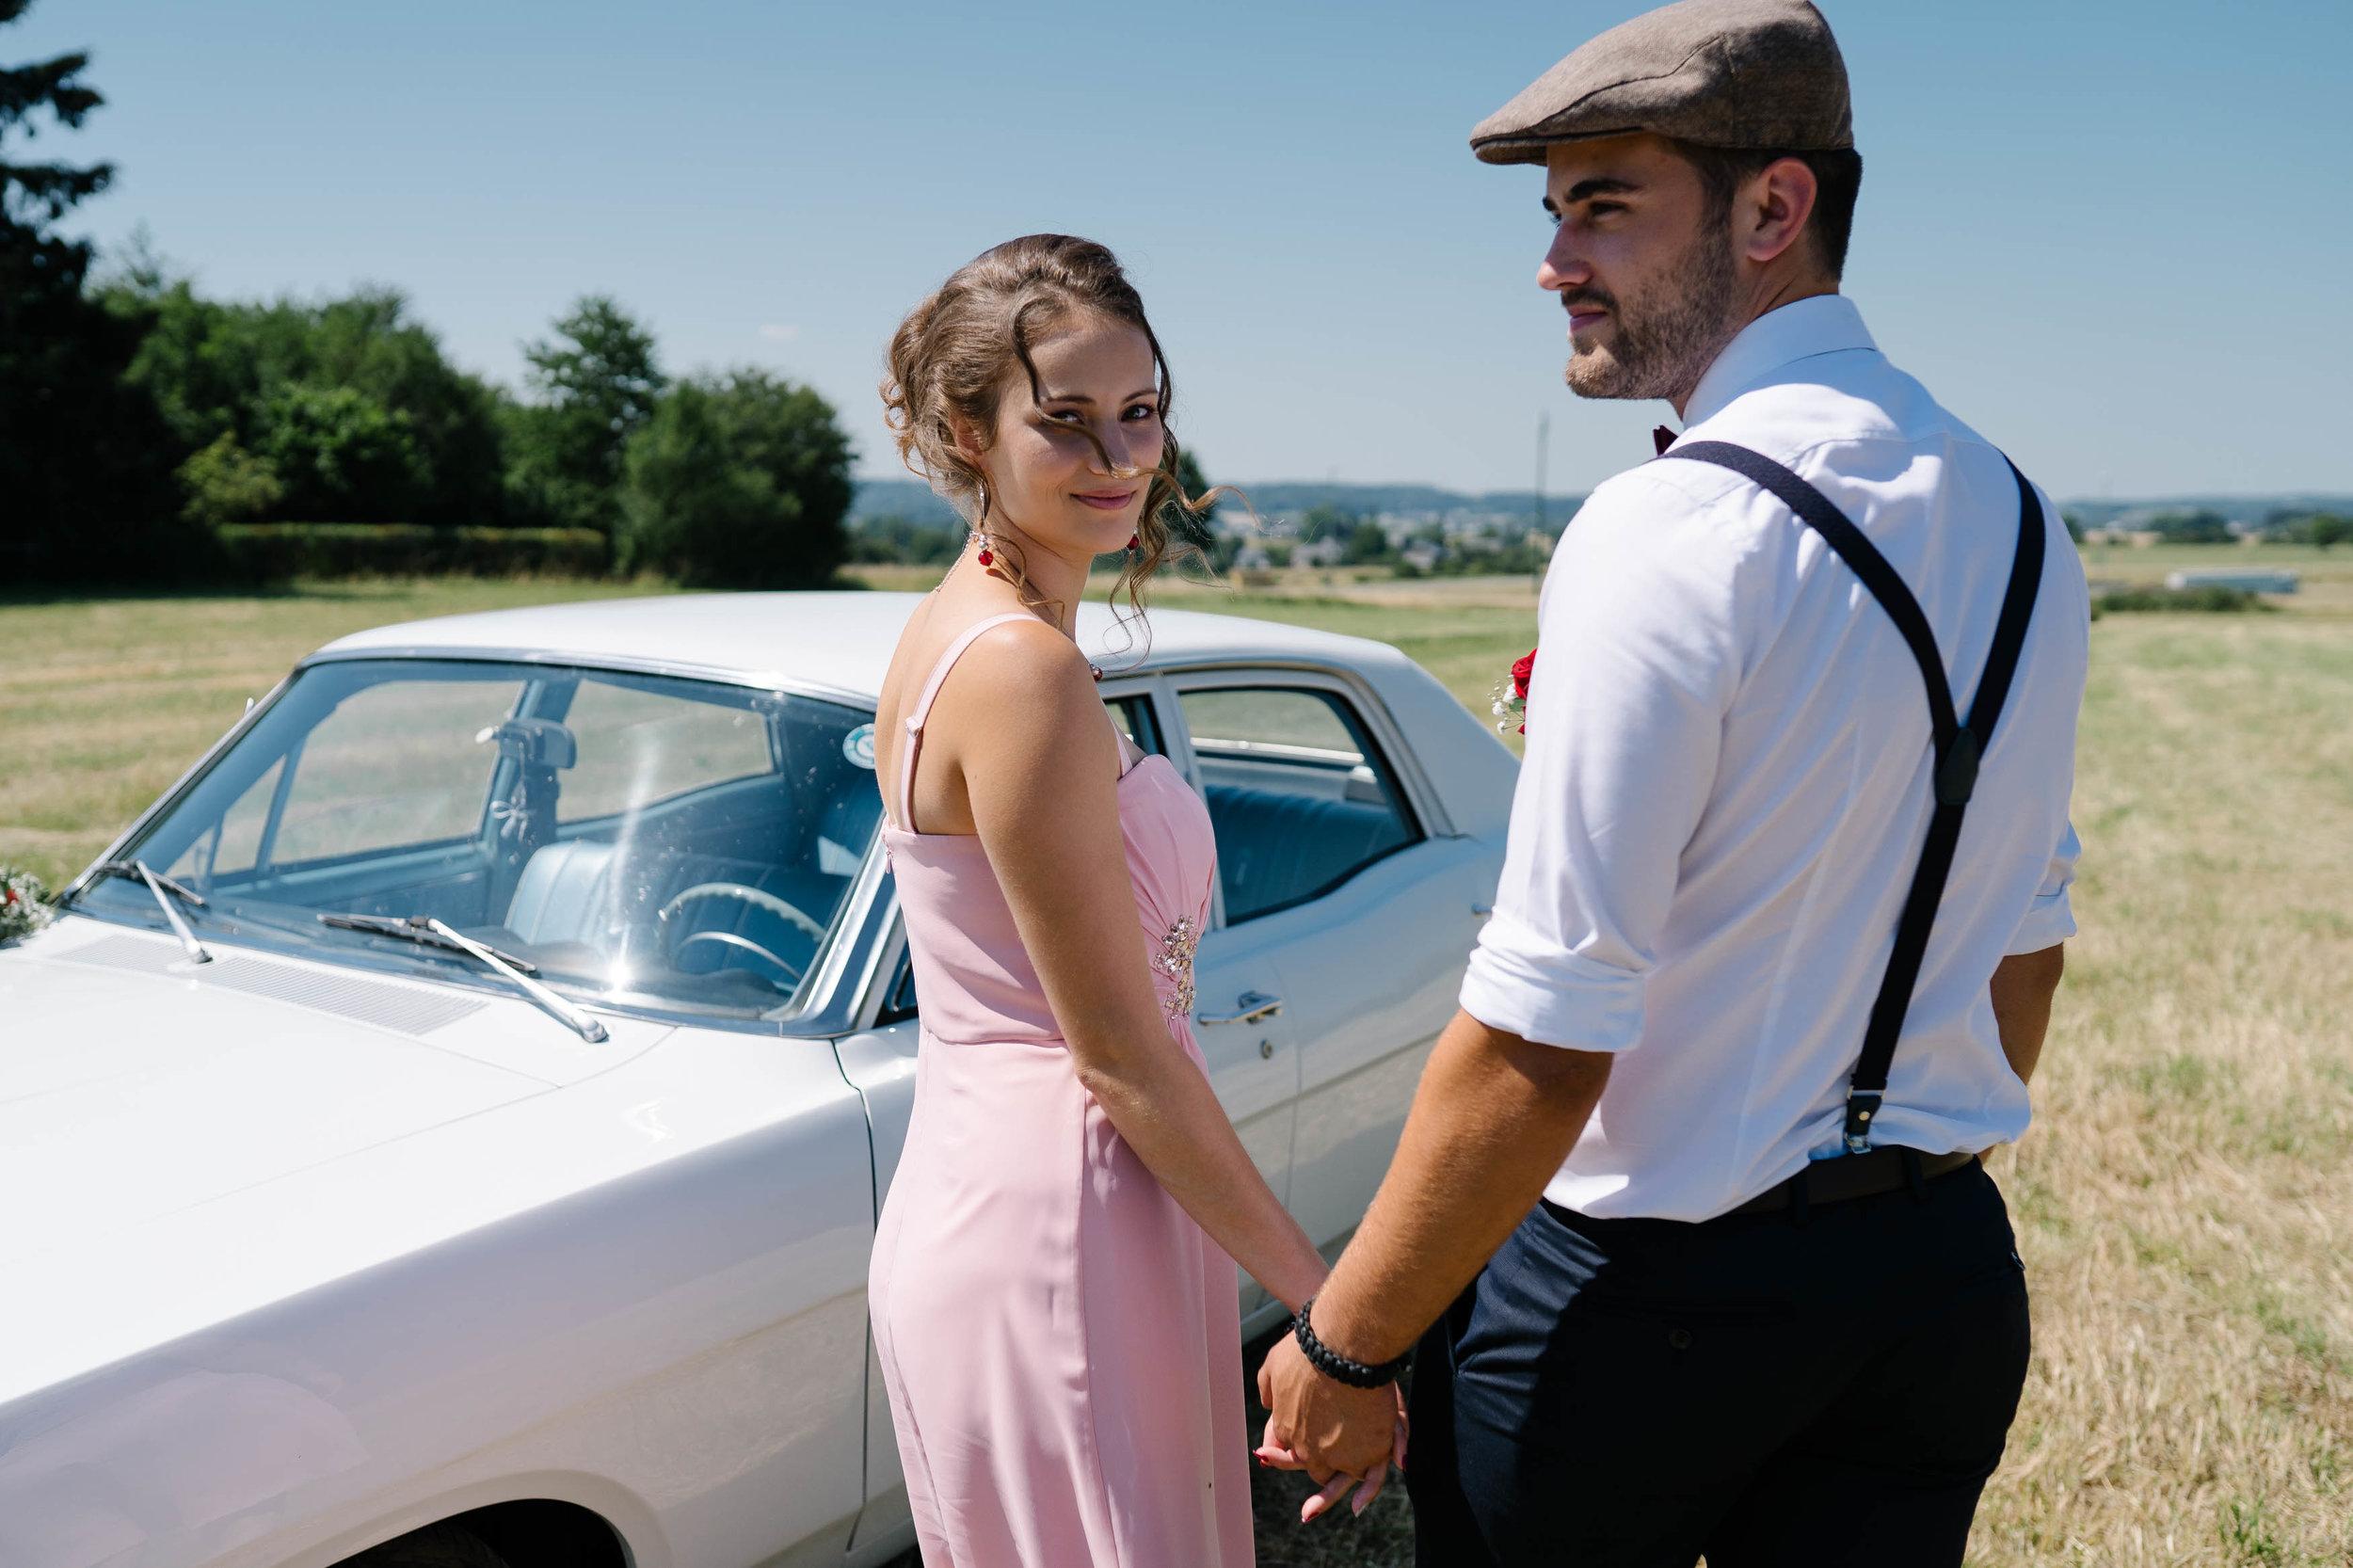 mt-photographe-videaste-bruxelles-mariage-leleu-6.jpg